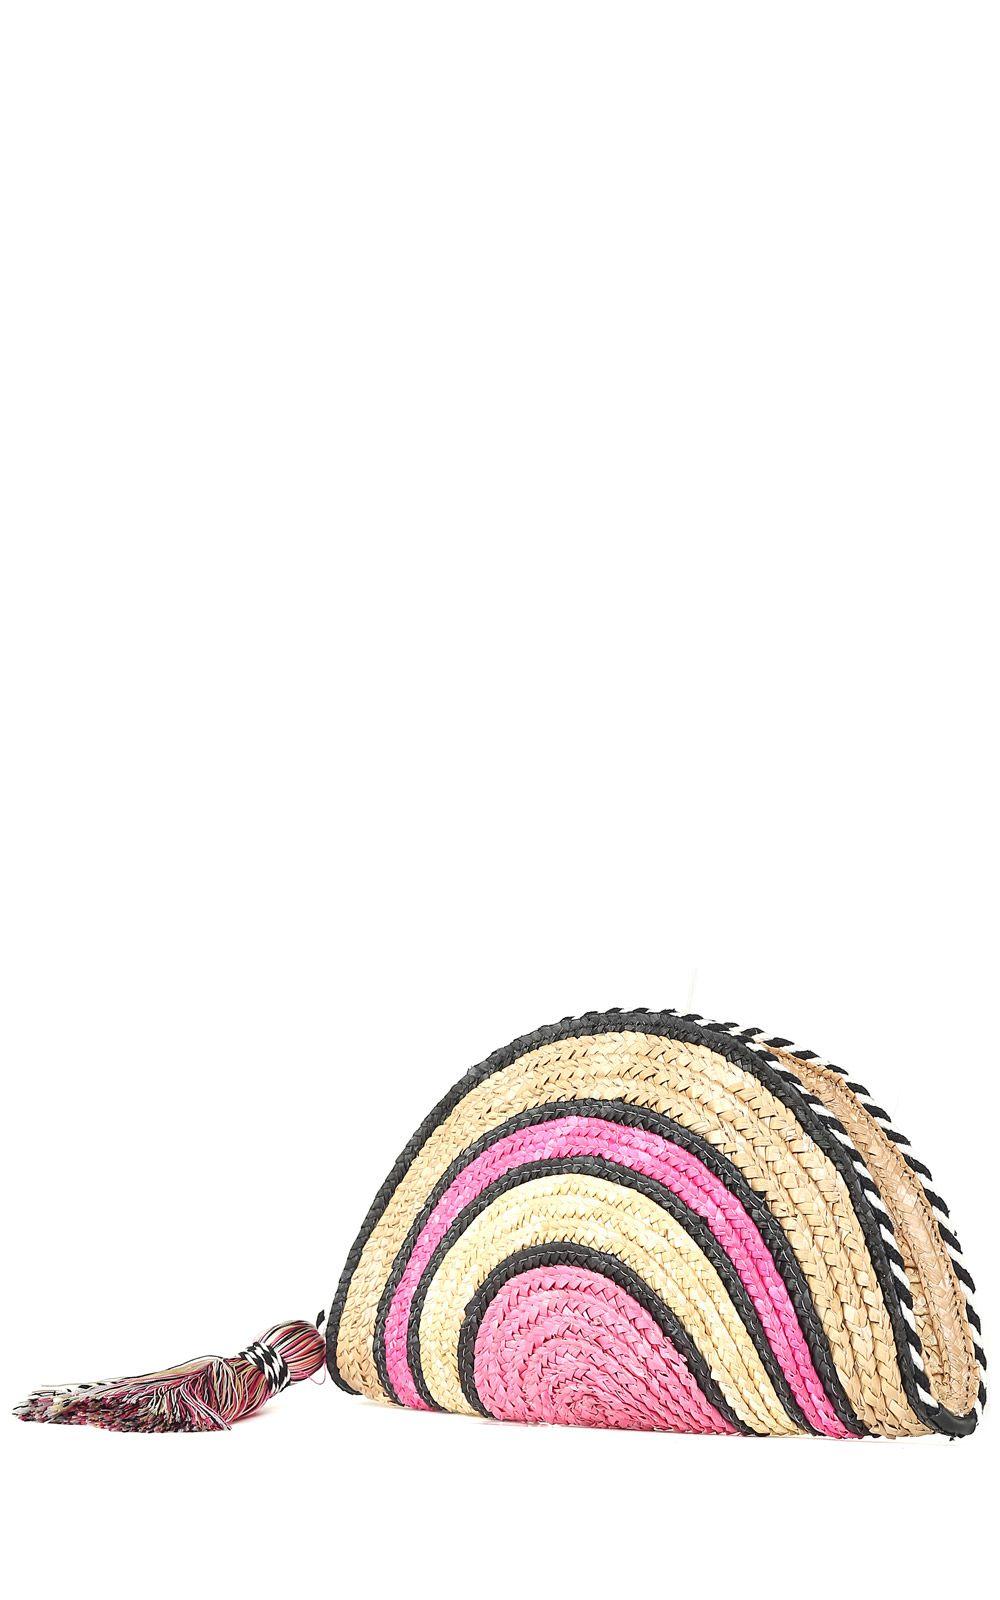 Straw Taco striped clutch Rebecca Minkoff ZXa3uK3JW